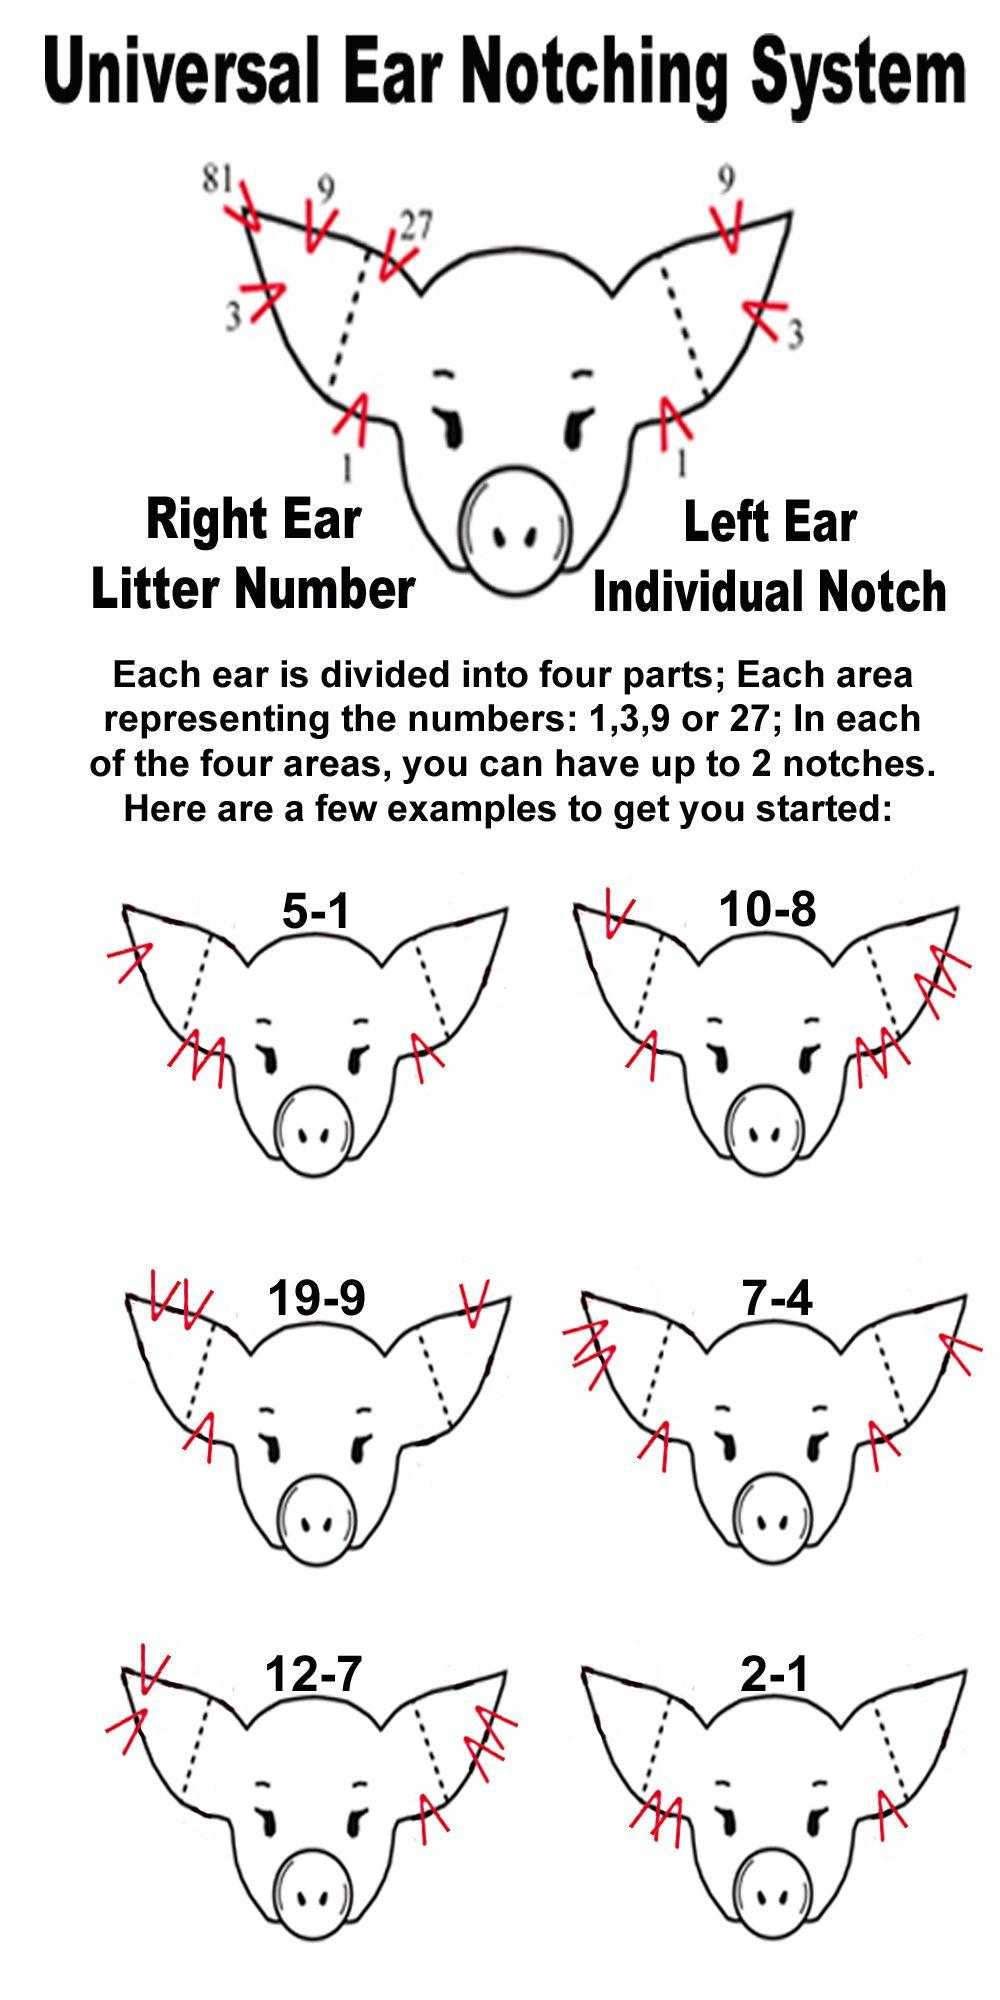 pig ear notching | Ear Notch Diagram. My life. I think I ...